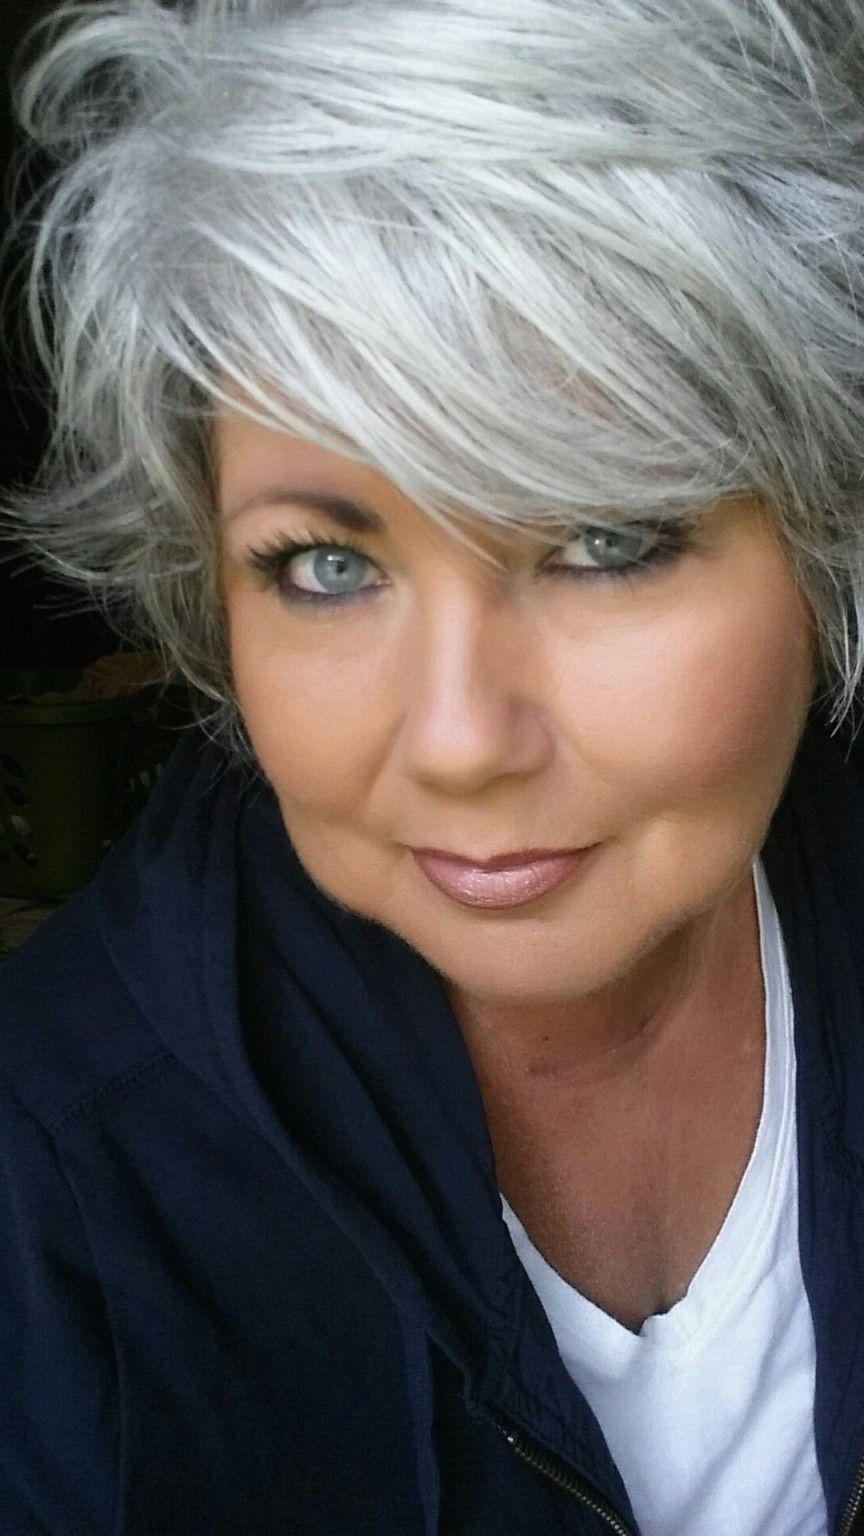 Best Of Frisuren Graue Haare Mittellang Frisuren Graue Haare Graue Haare Frisur Schulterlang Stufig Glatt